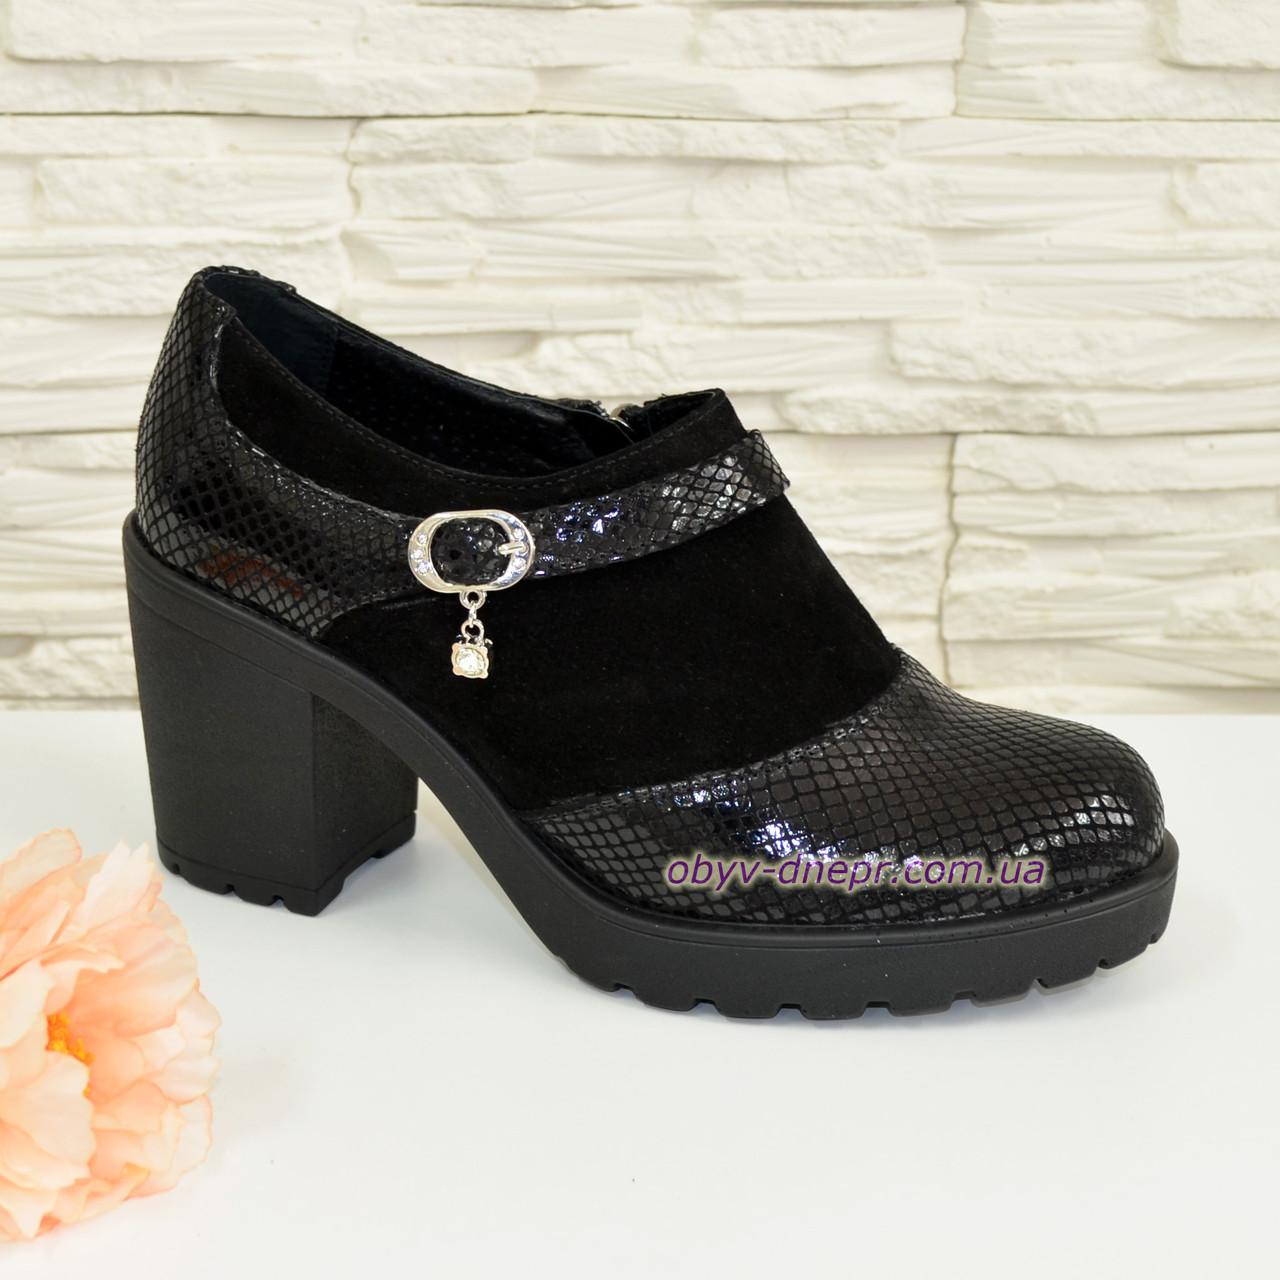 Женские черные замшевые туфли на невысоком каблуке